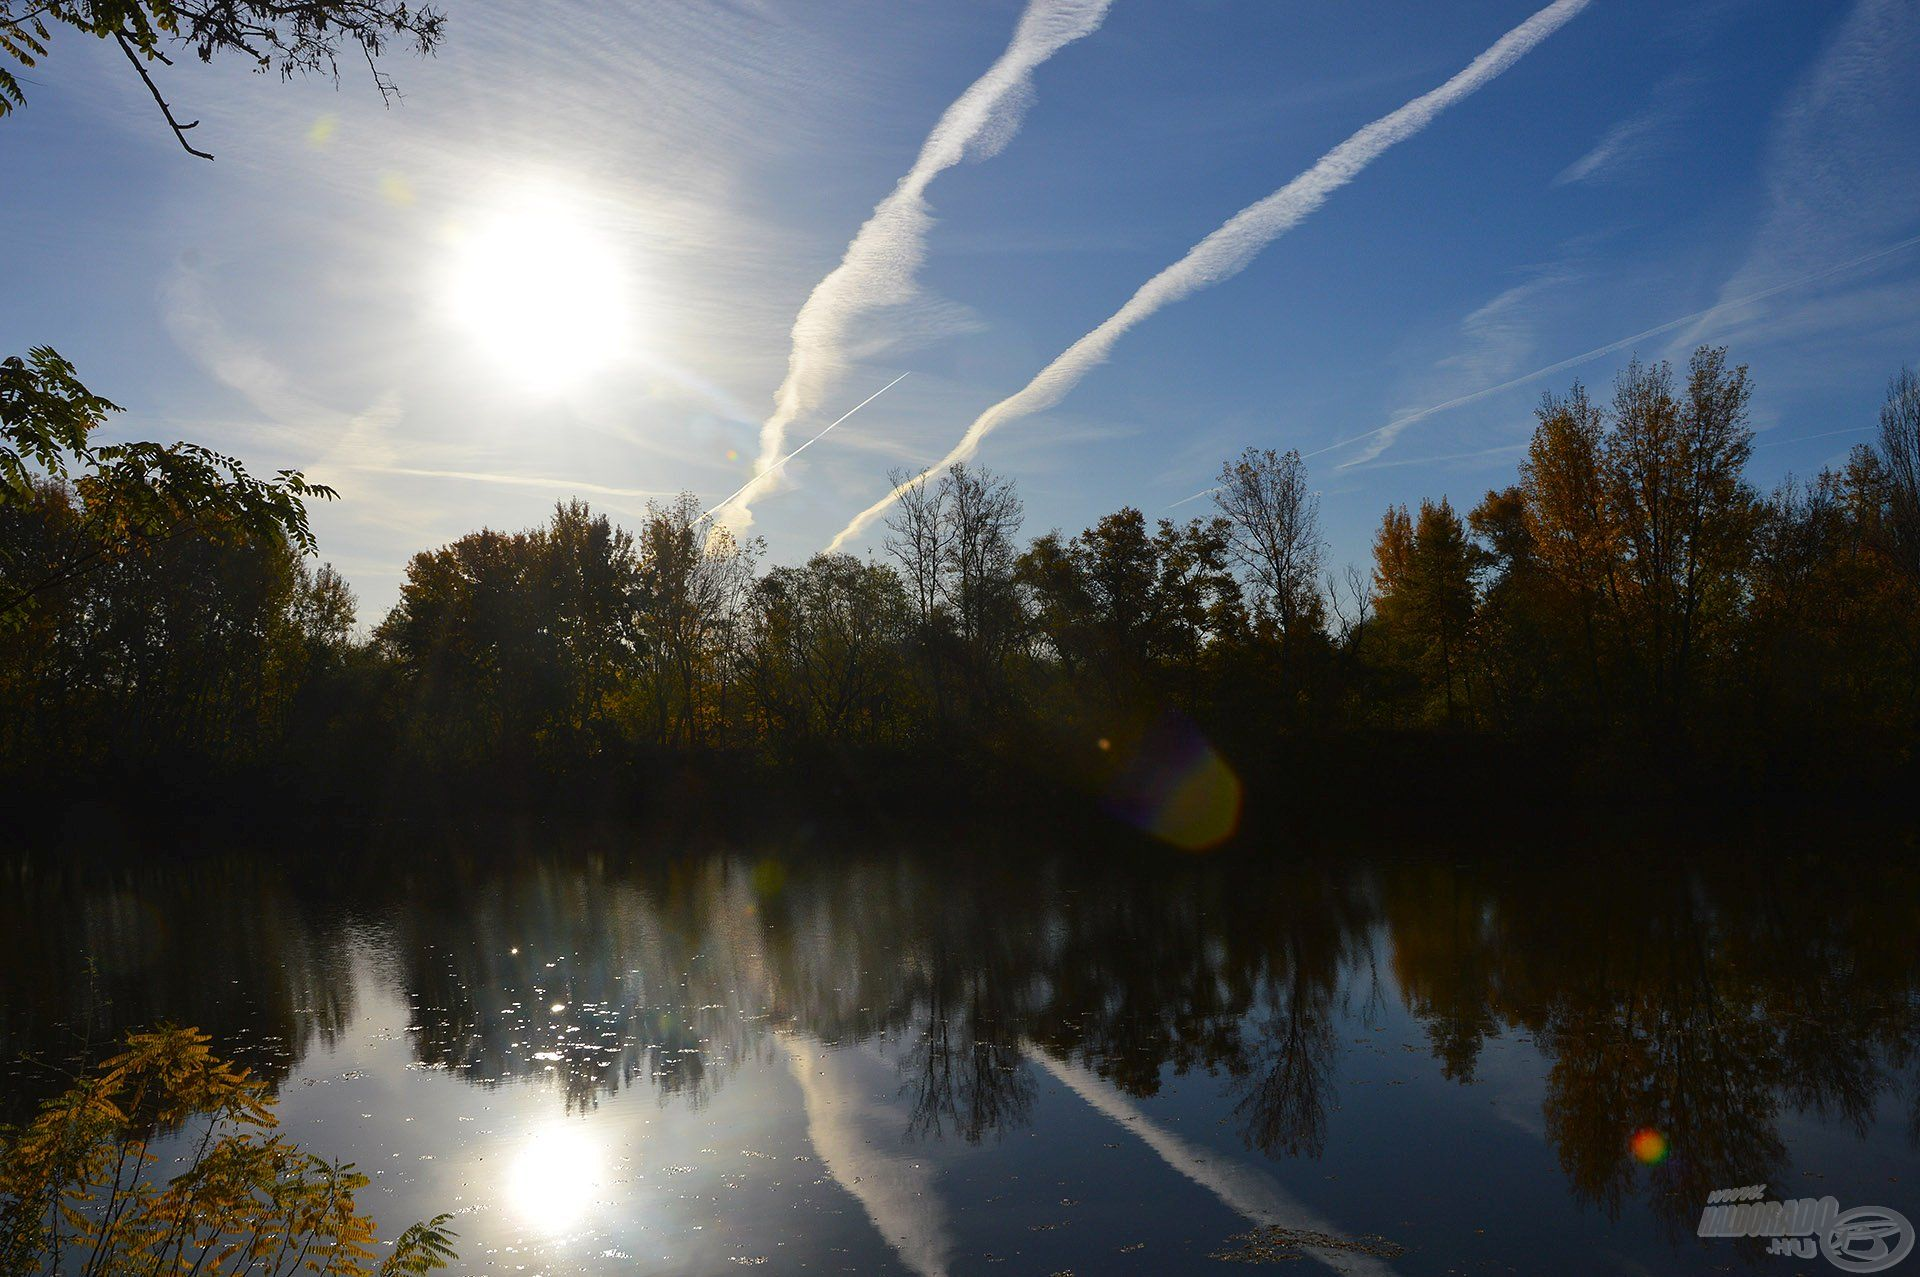 Szinte nyarat idéző, szikrázó napsütéssel indult az őszi reggel